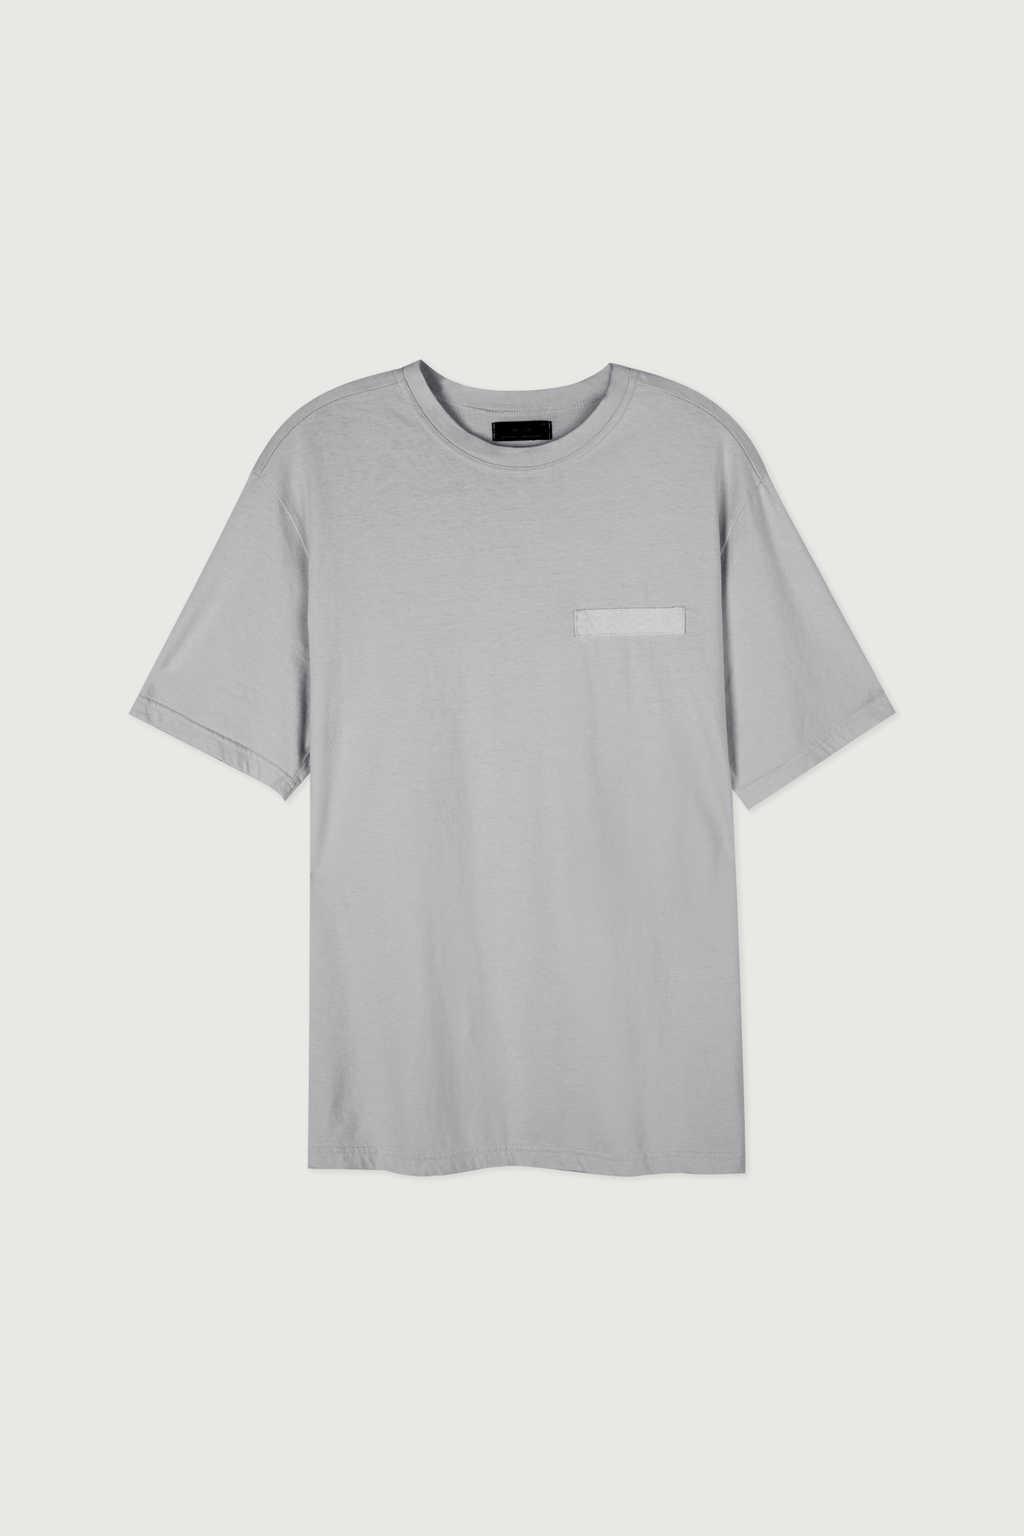 TShirt K006M Gray 5